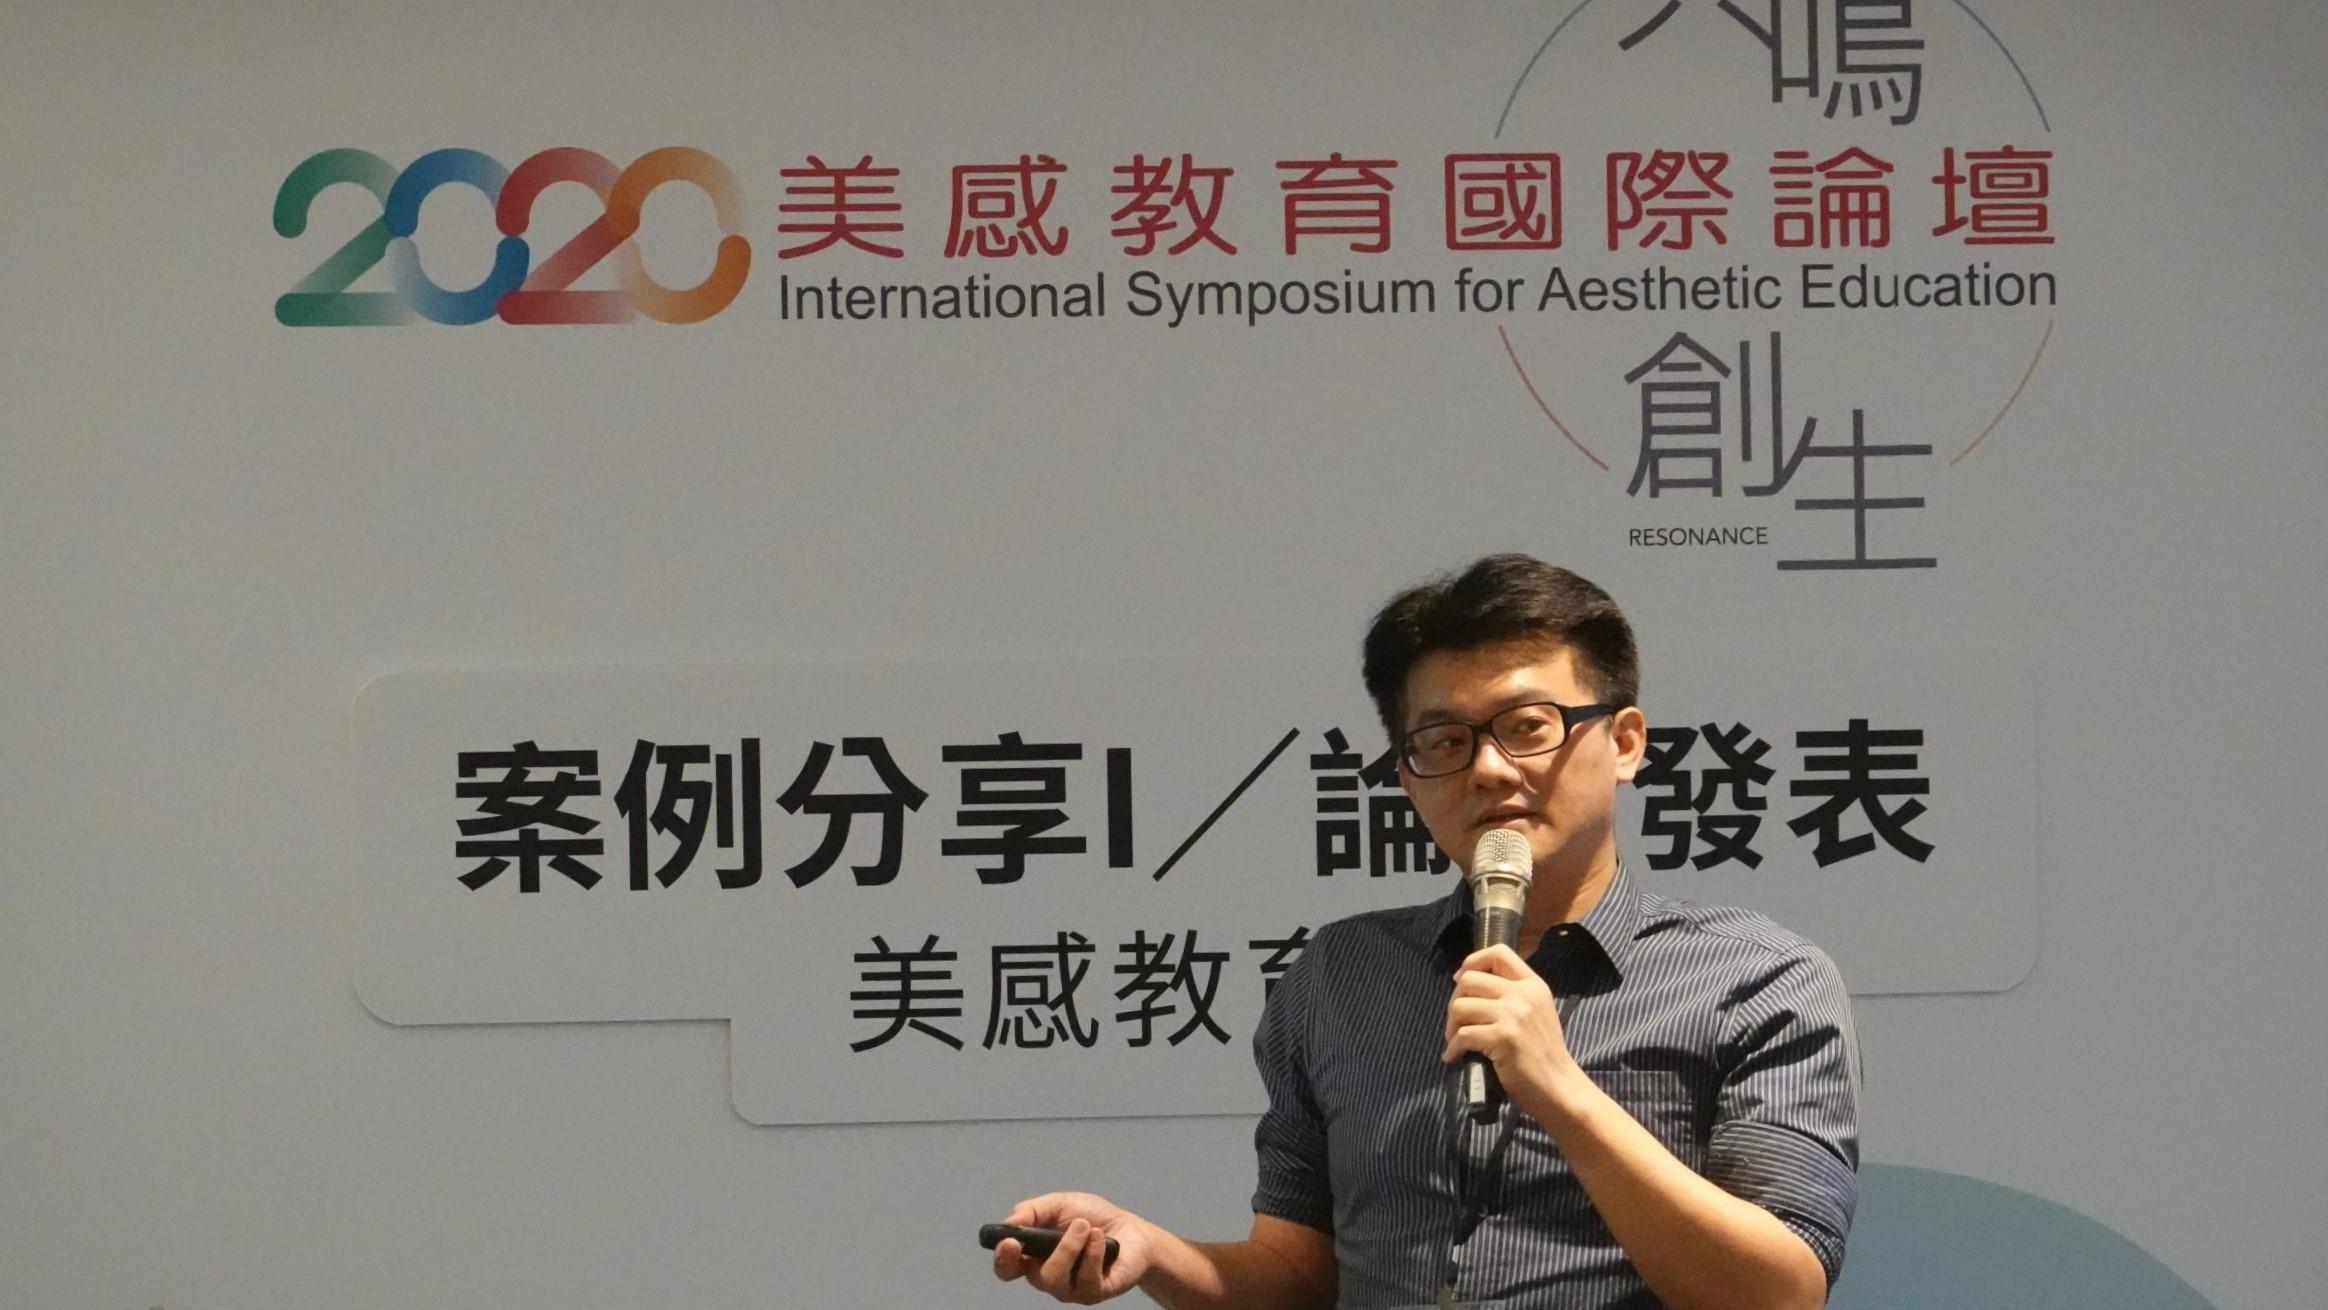 2020美感教育國際論壇 201116 15